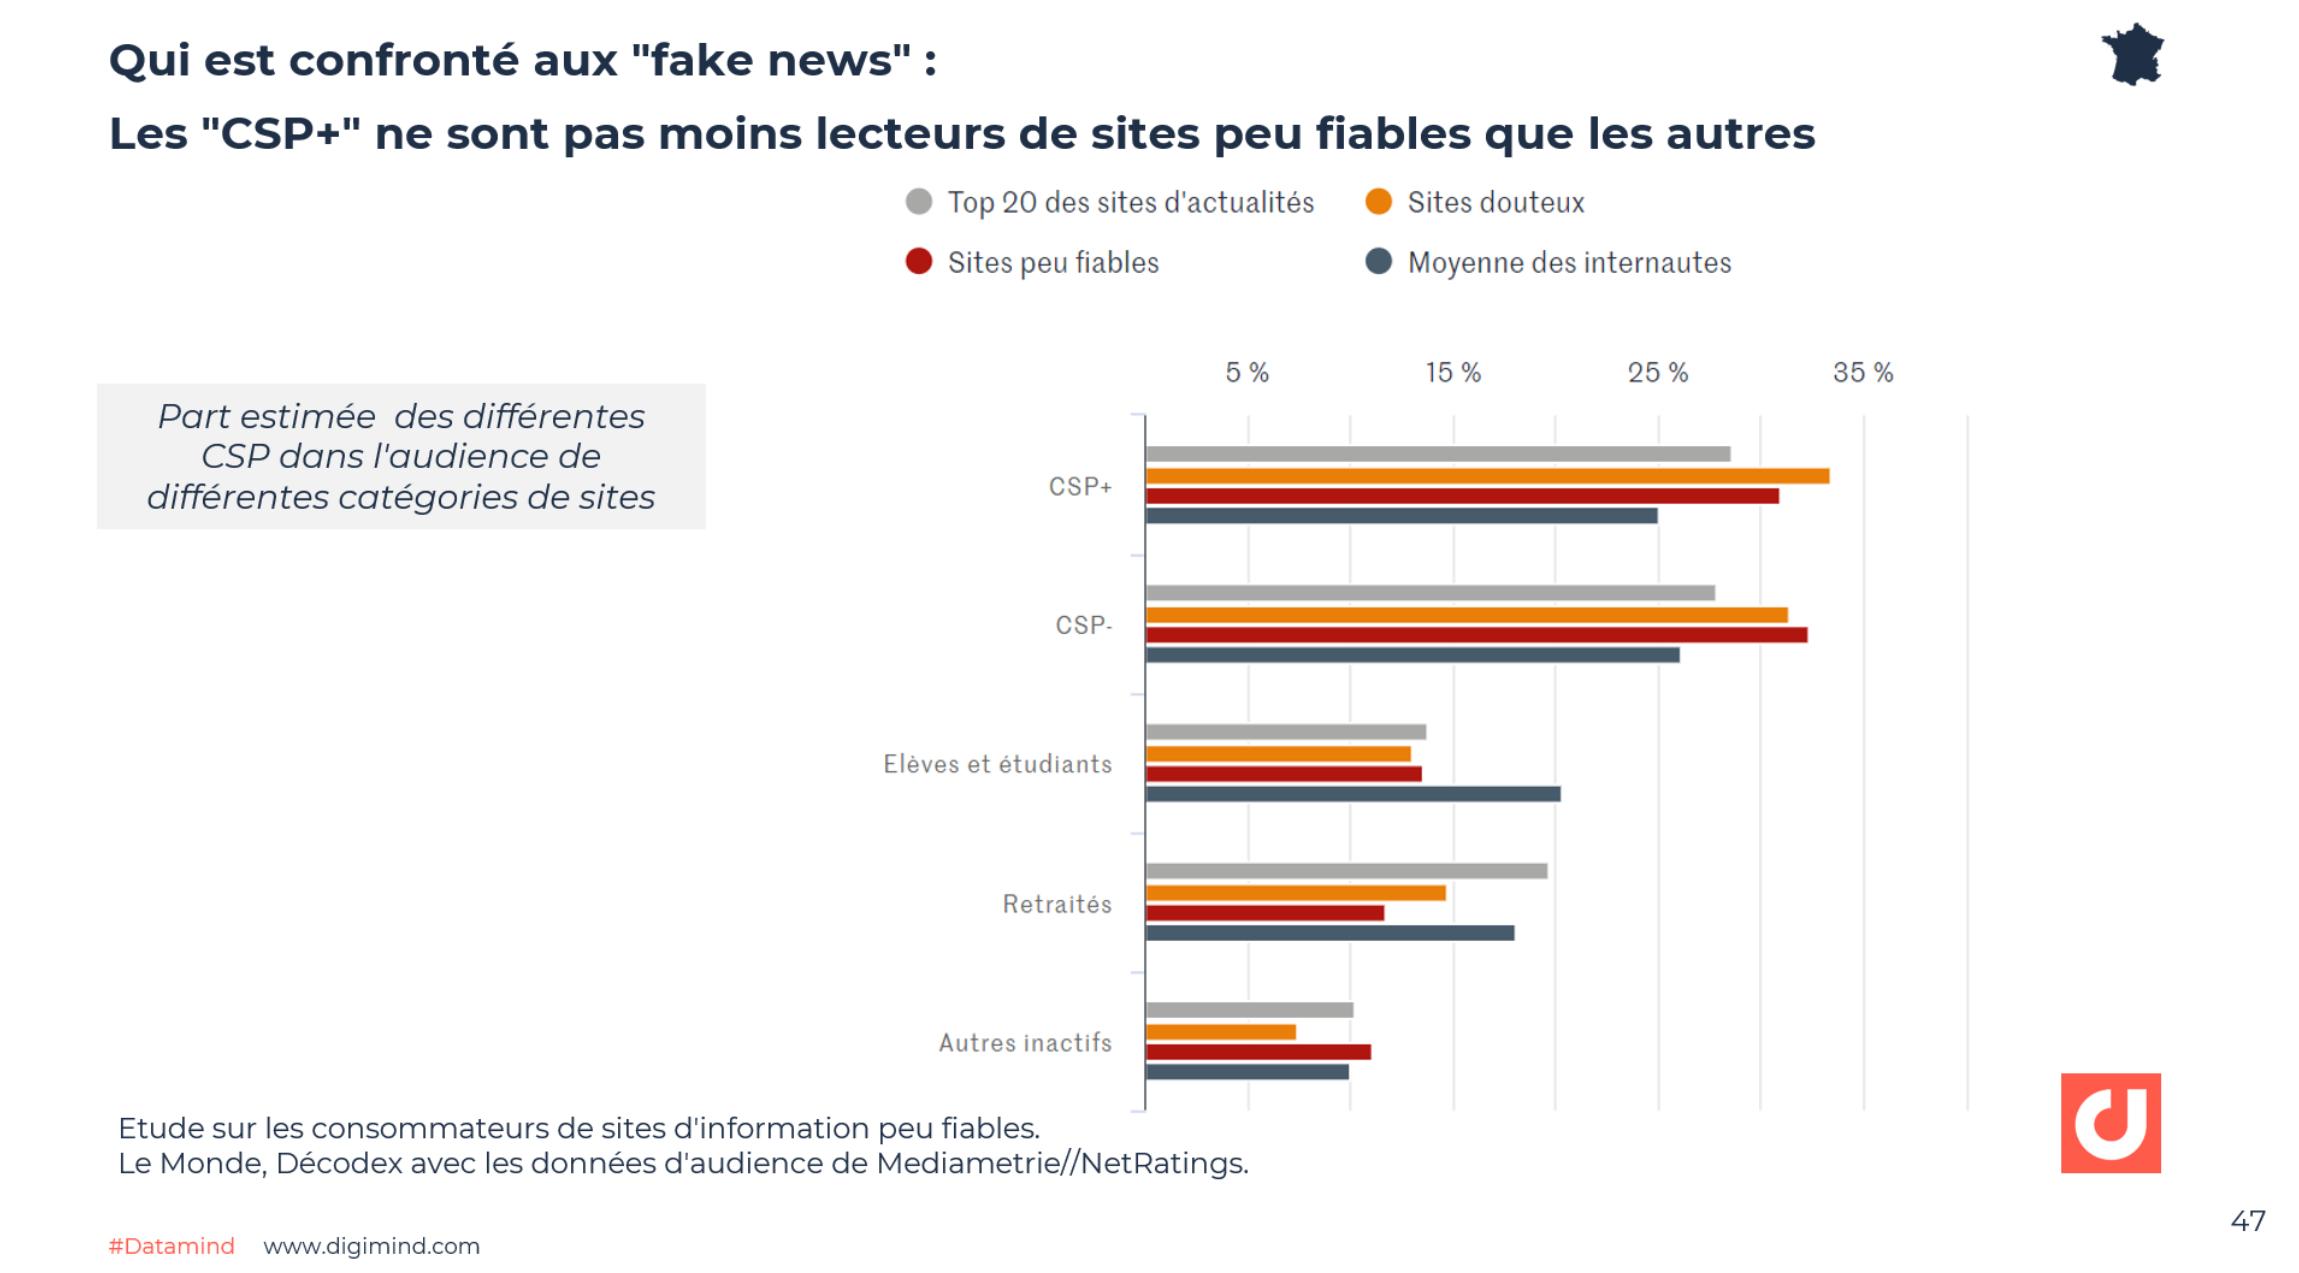 """Les """"CSP+"""" ne sont pas moins lecteurs de sites peu fiables que les autres - Le Monde, Décodex avec les données d'audience de Mediametrie//NetRatings."""